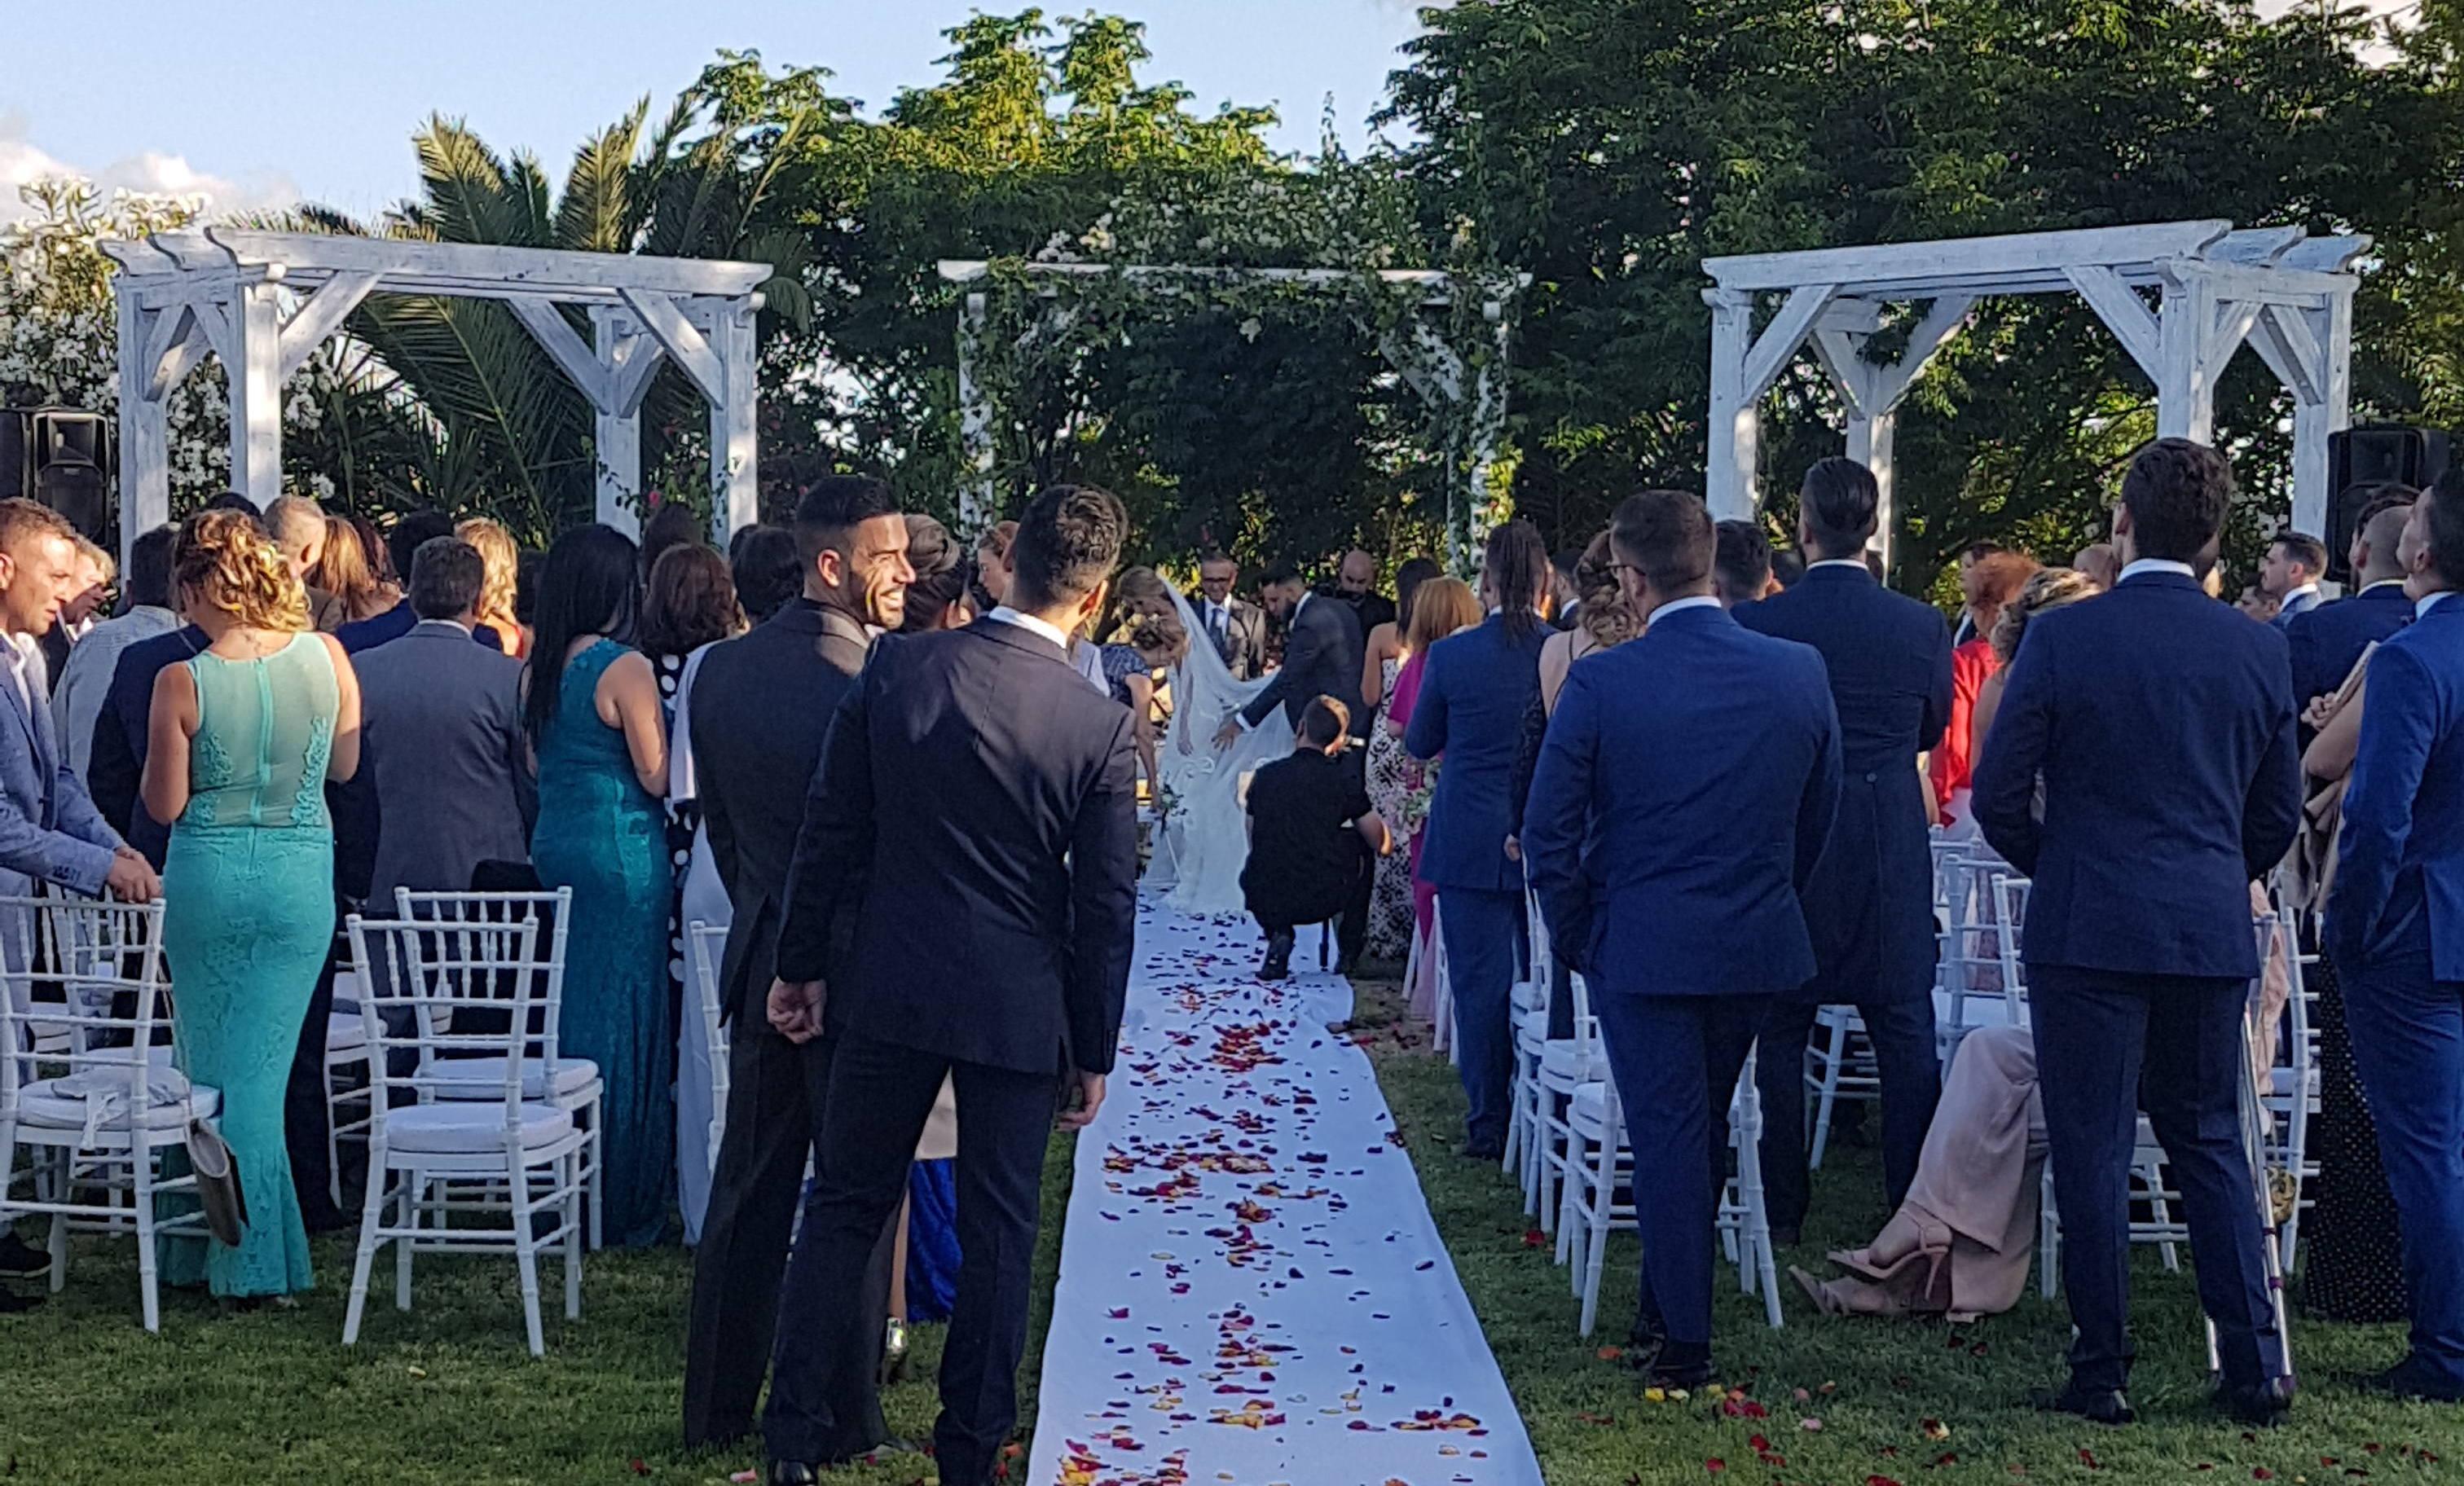 tramites-necesarios-para-una-boda-civil